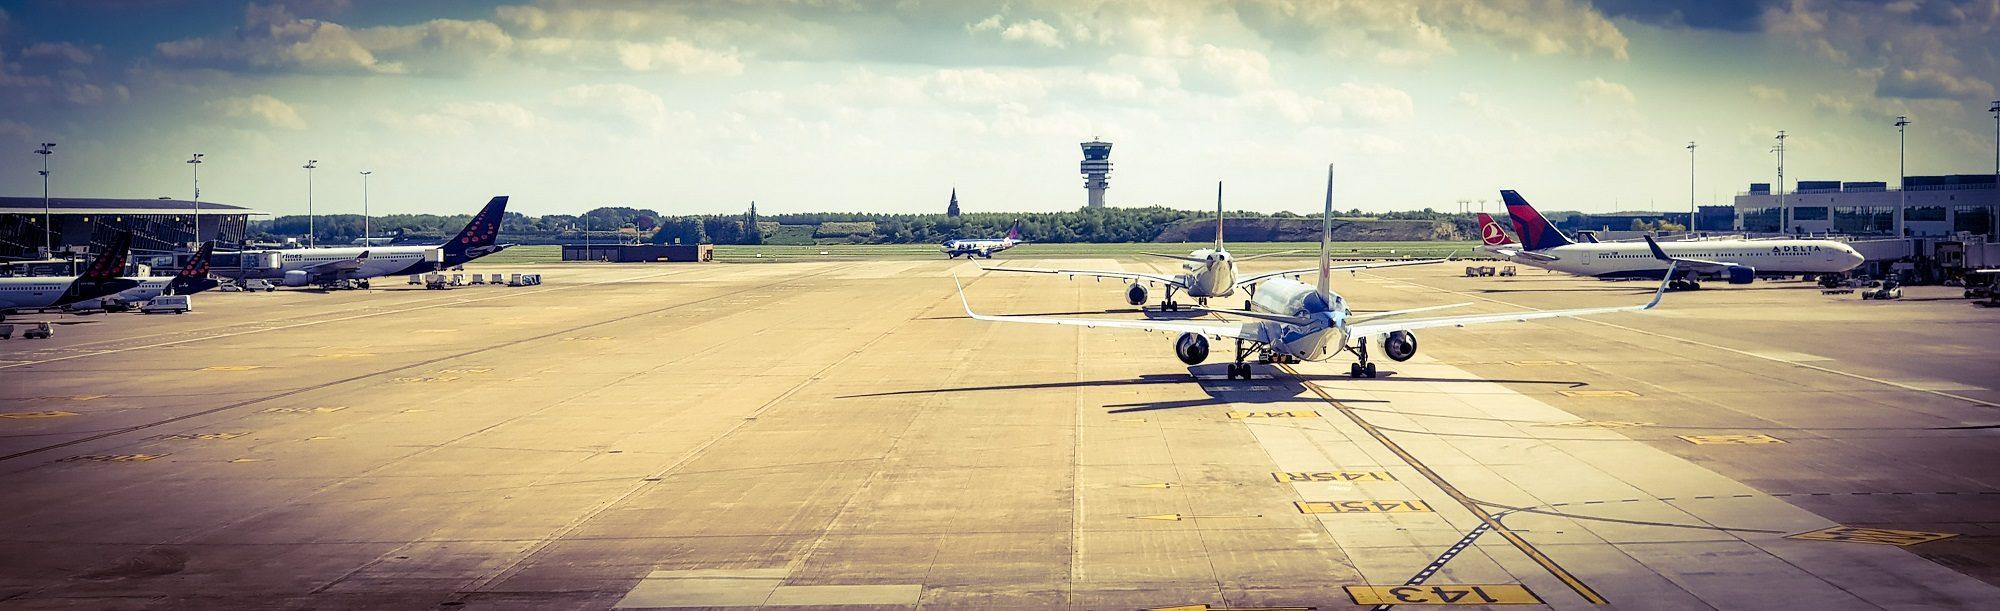 luchthaven met vliegtuigen